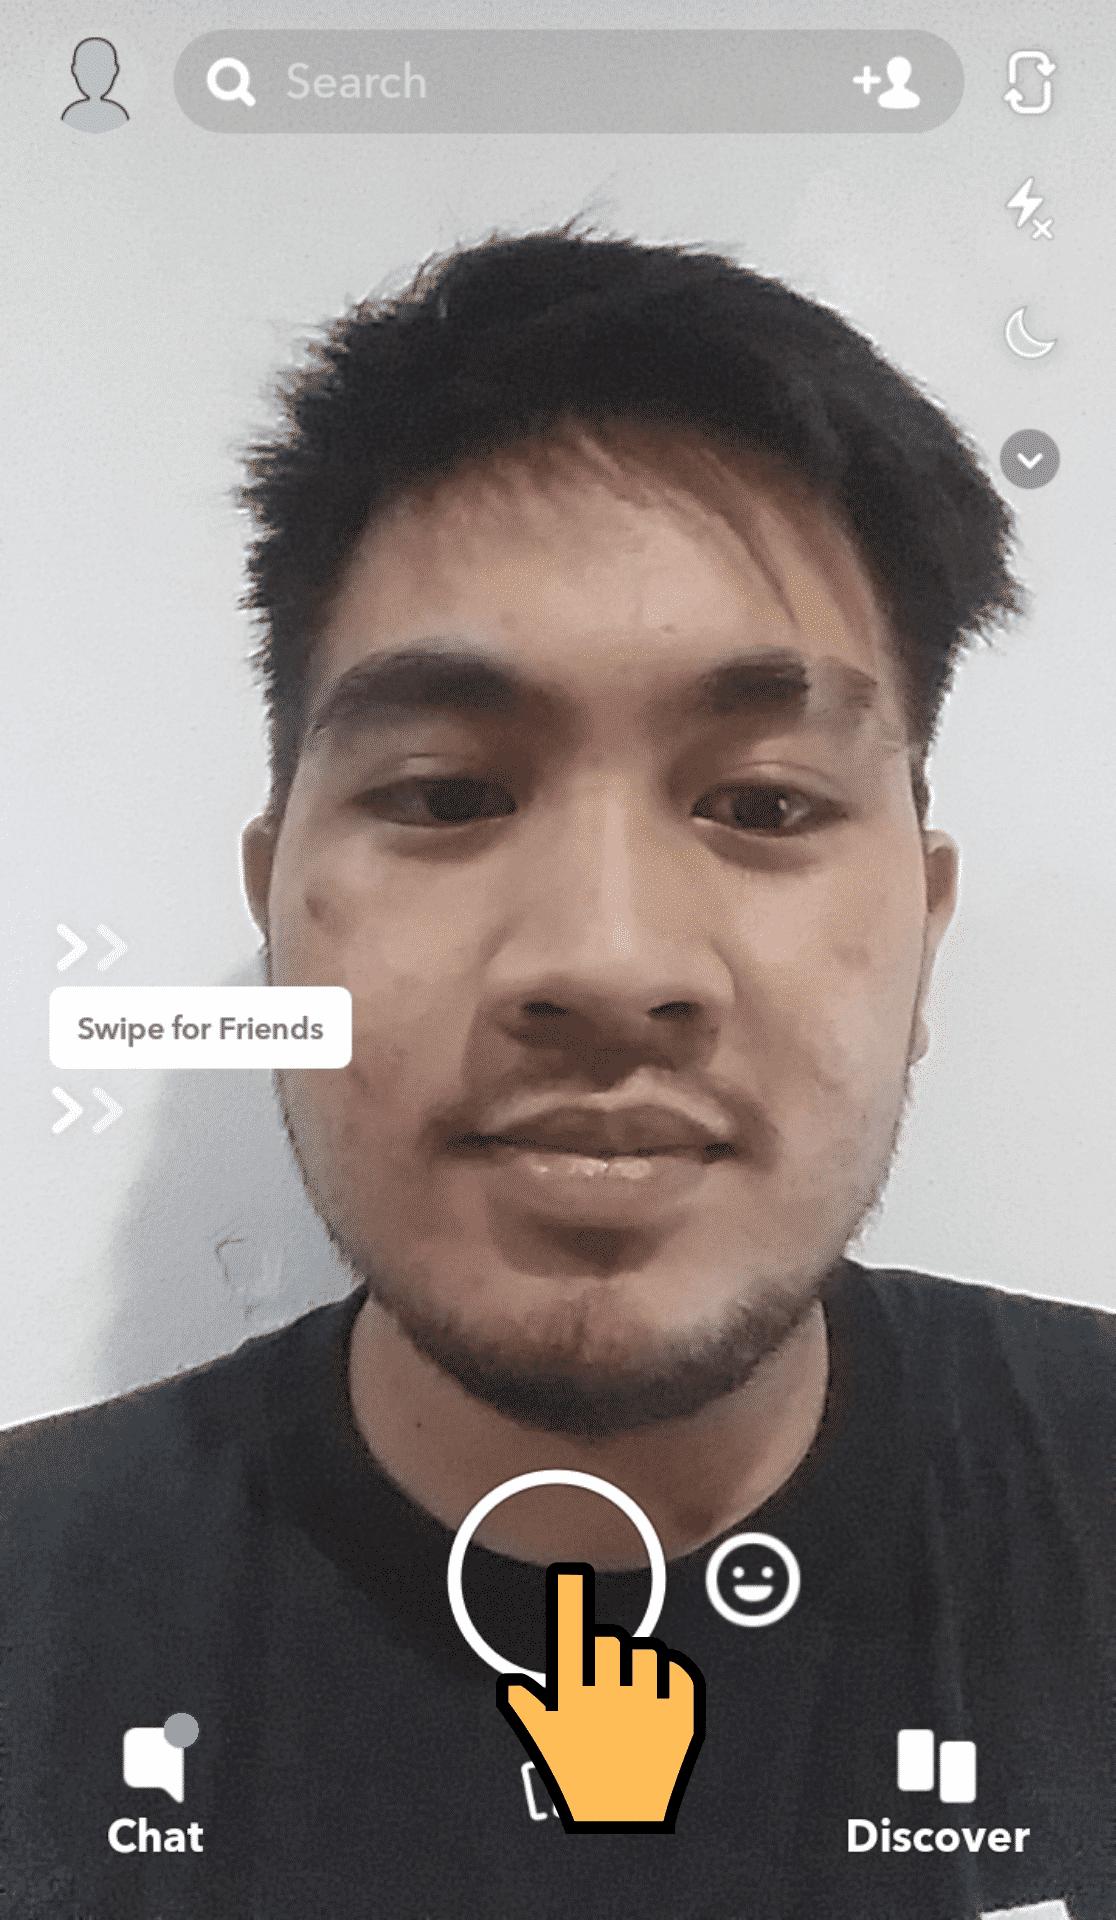 Snapchat Front Camera Mode